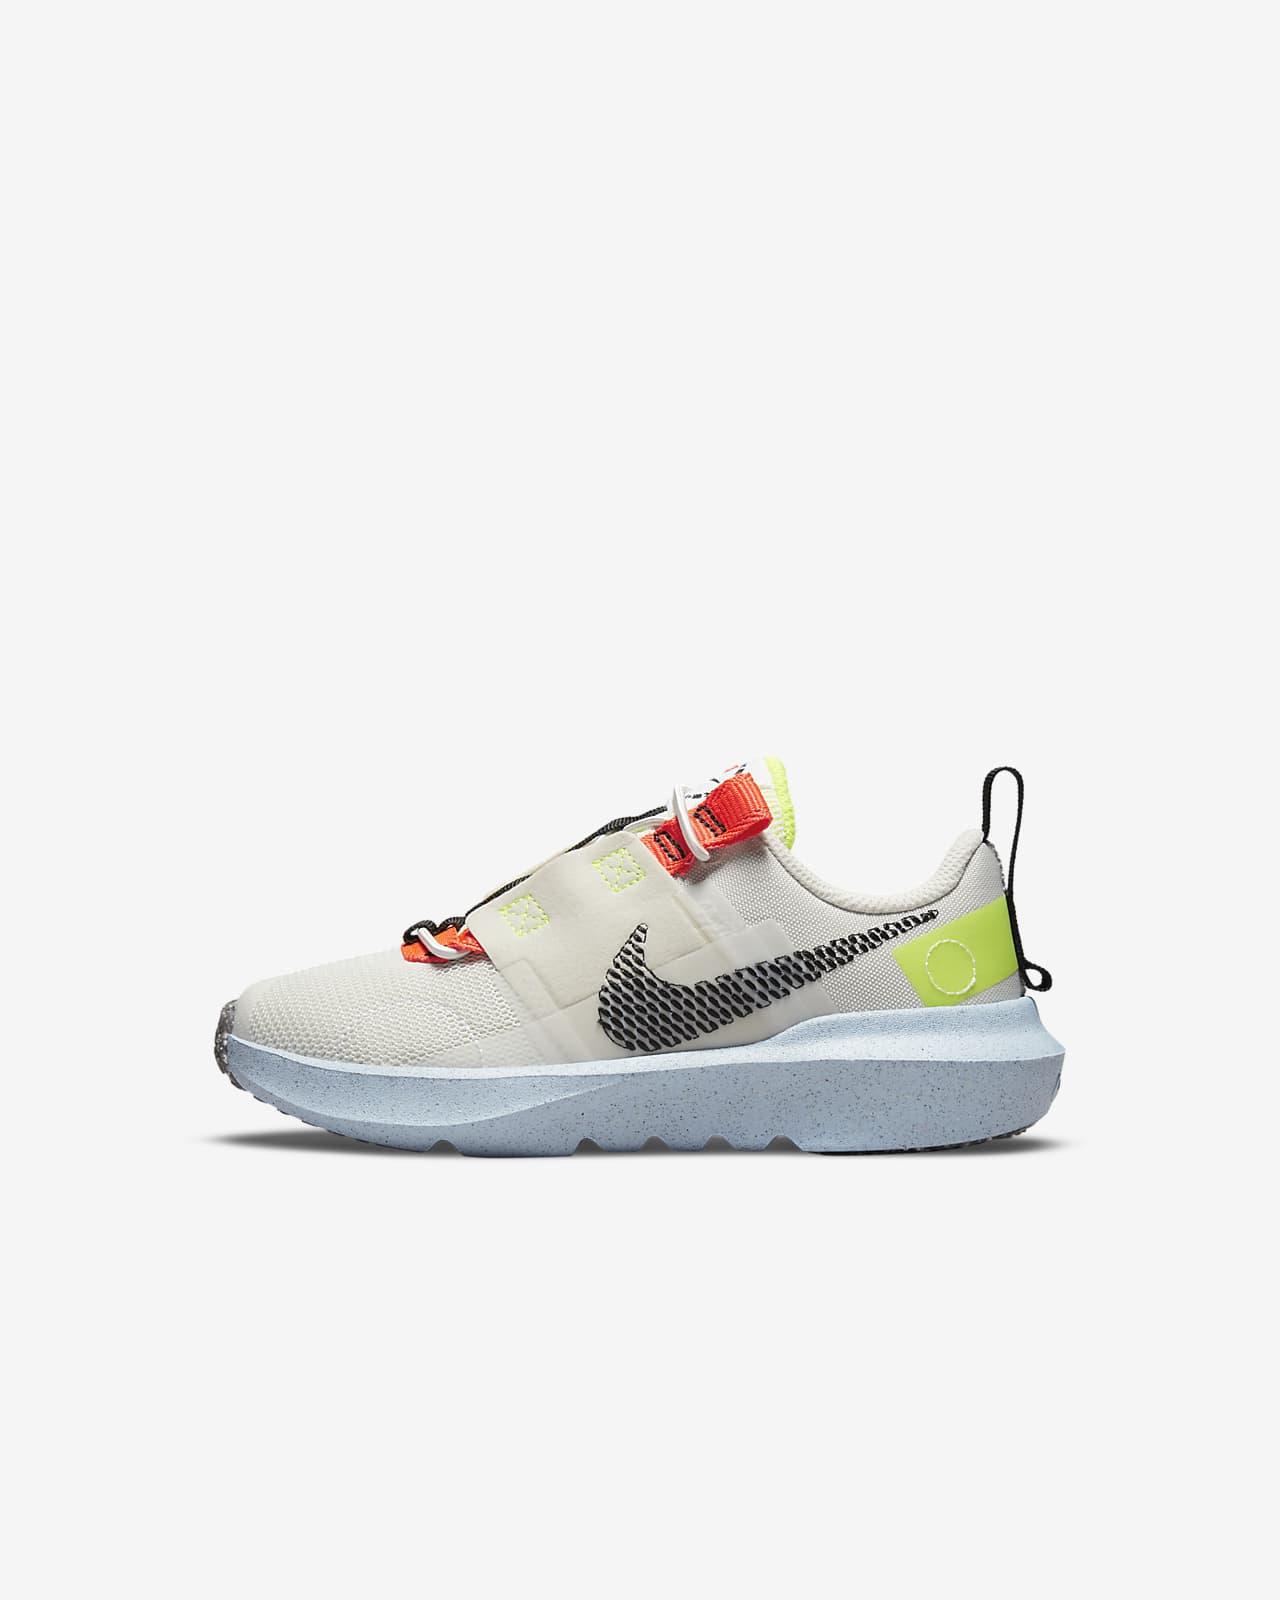 Nike Crater Impact Küçük Çocuk Ayakkabısı